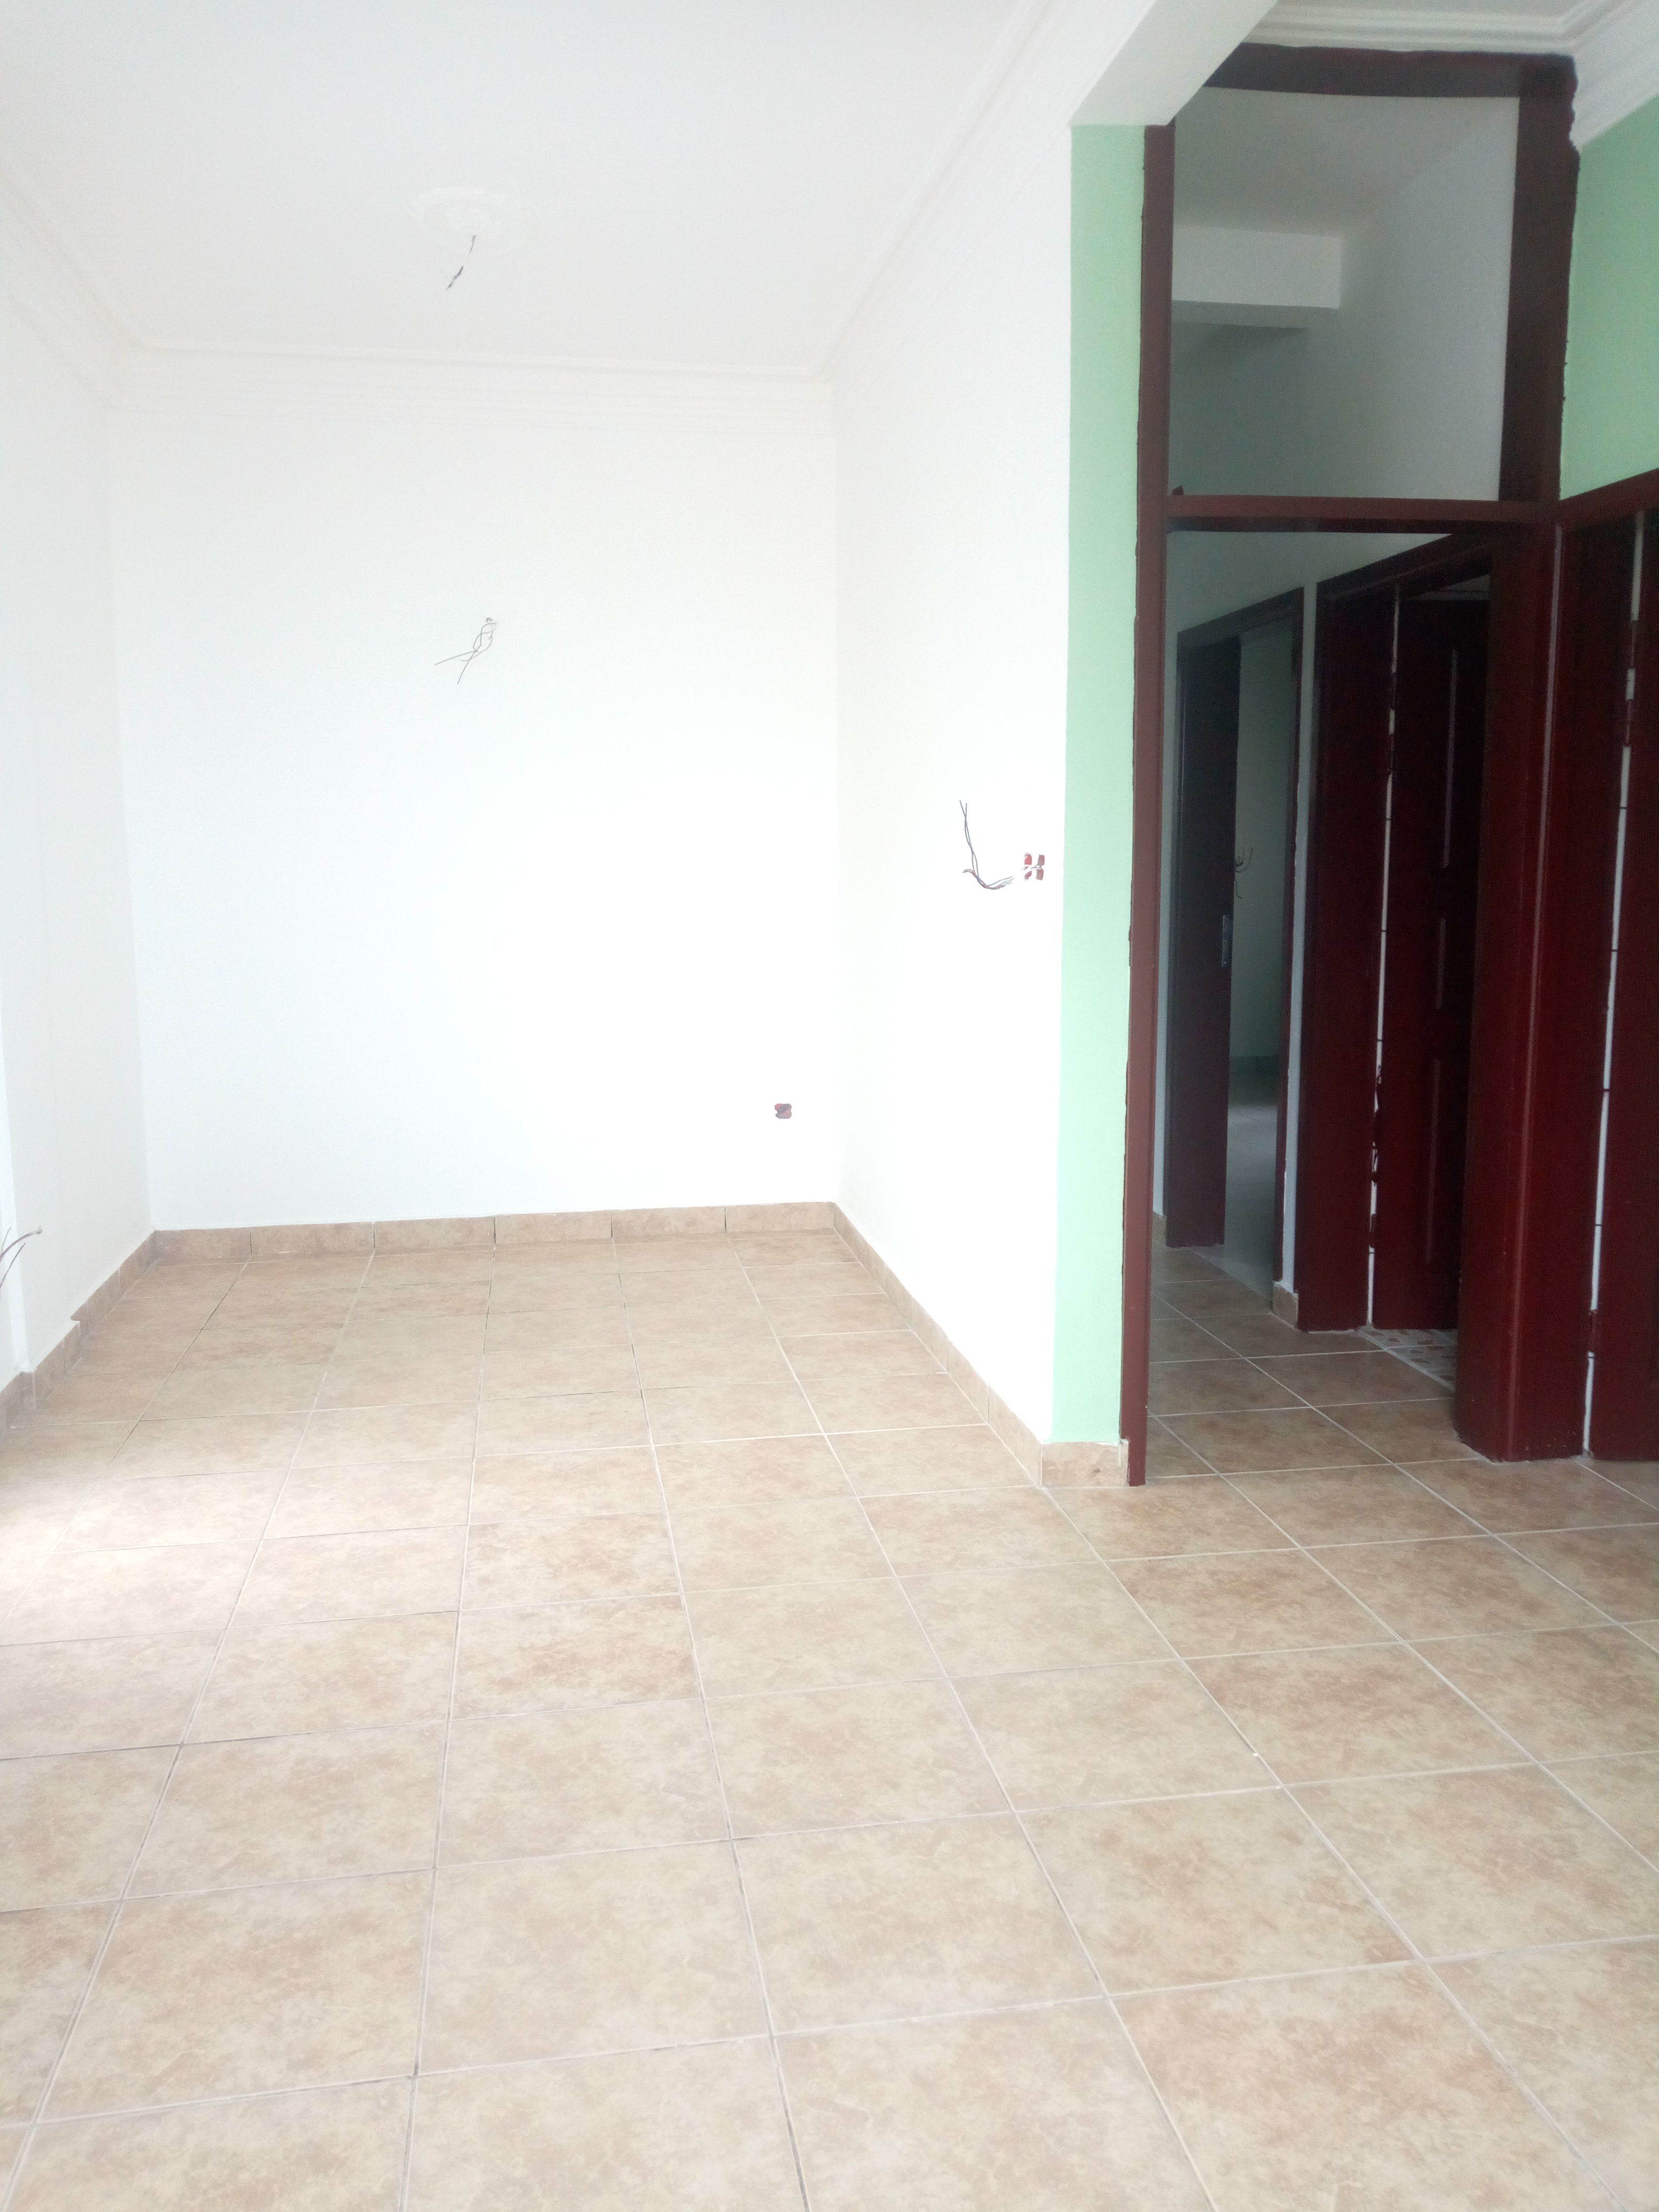 Appartement à louer - Douala, Bonamoussadi, Santa babara - 1 salon(s), 2 chambre(s), 2 salle(s) de bains - 130 000 FCFA / mois